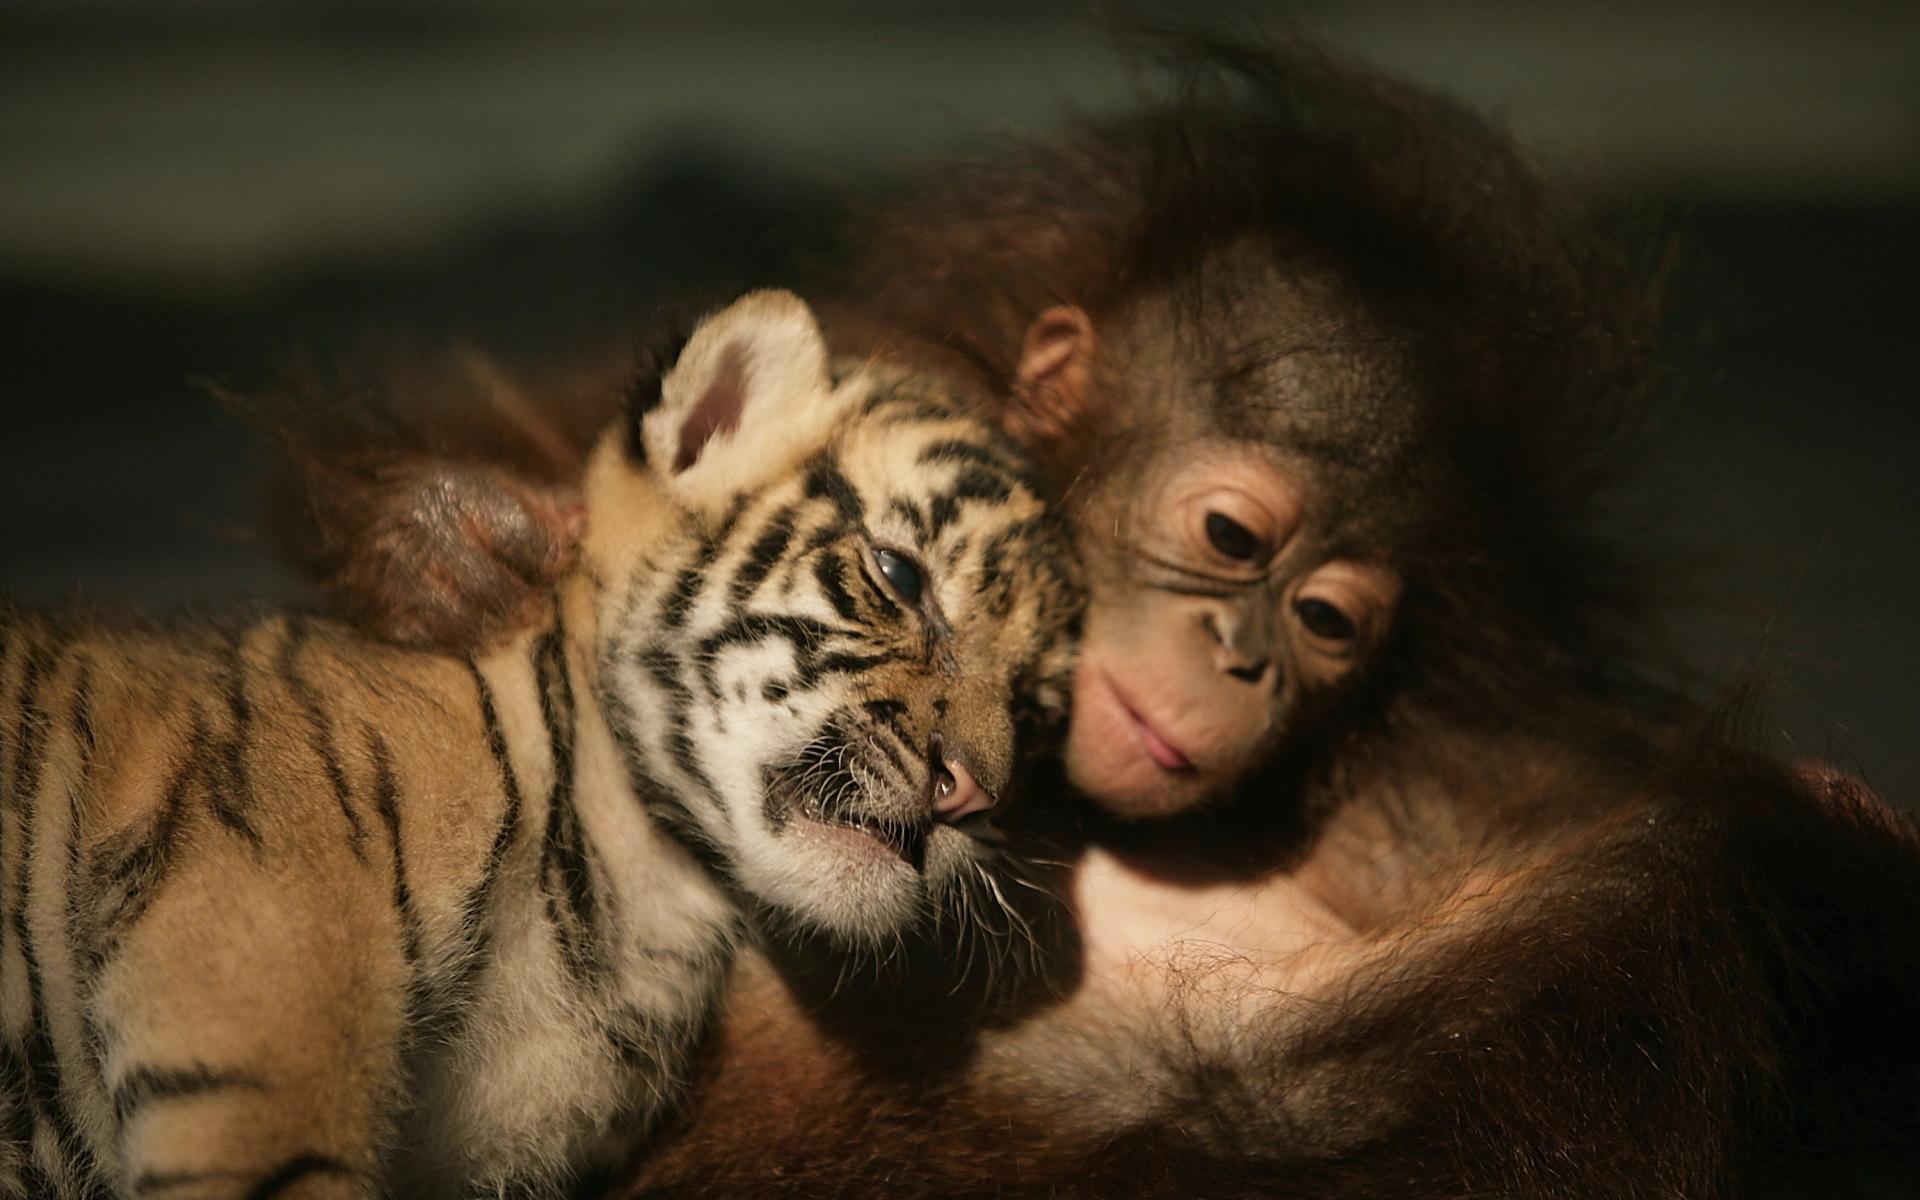 Картинки с собаками обезьянками тиграми, мире отправить